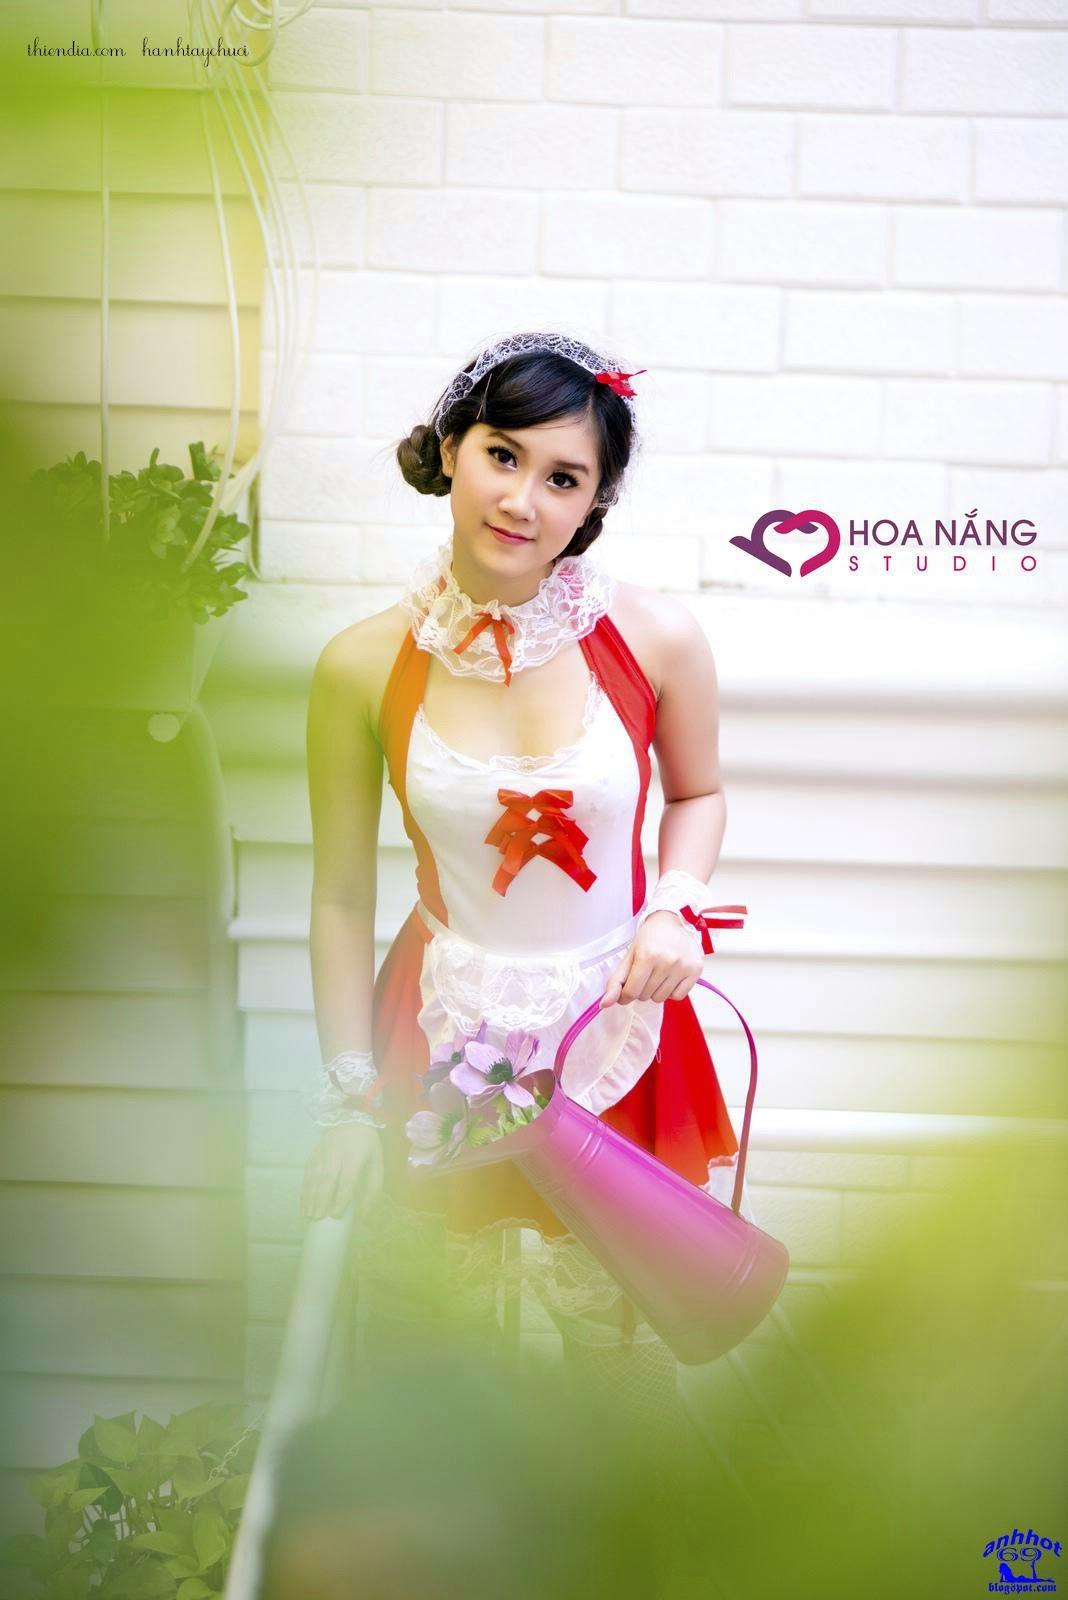 hau_ban_cute_8884925717_6b3f9c1ba2